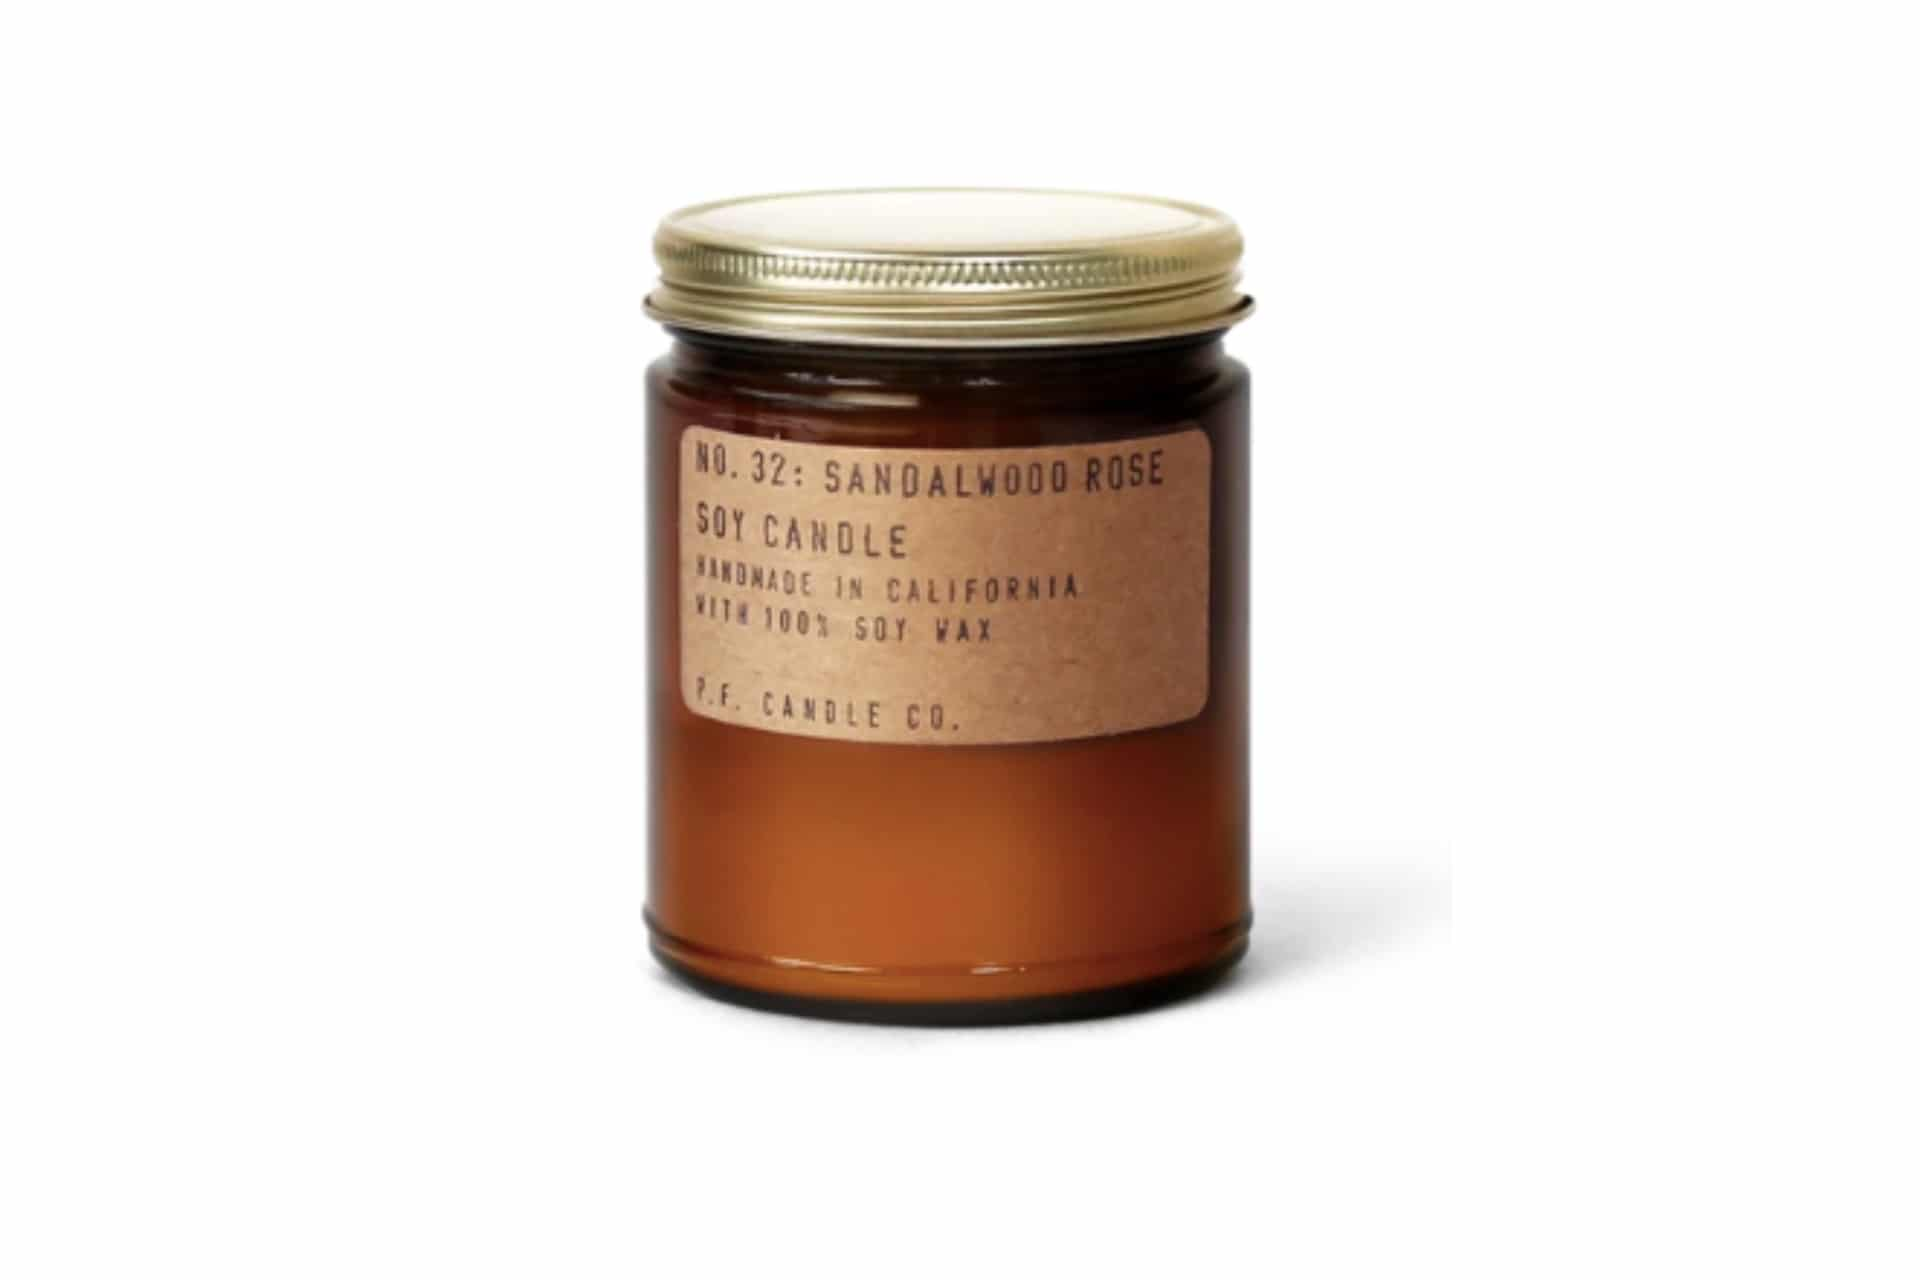 Soy Candle | No. 32: Sandalwood Rose